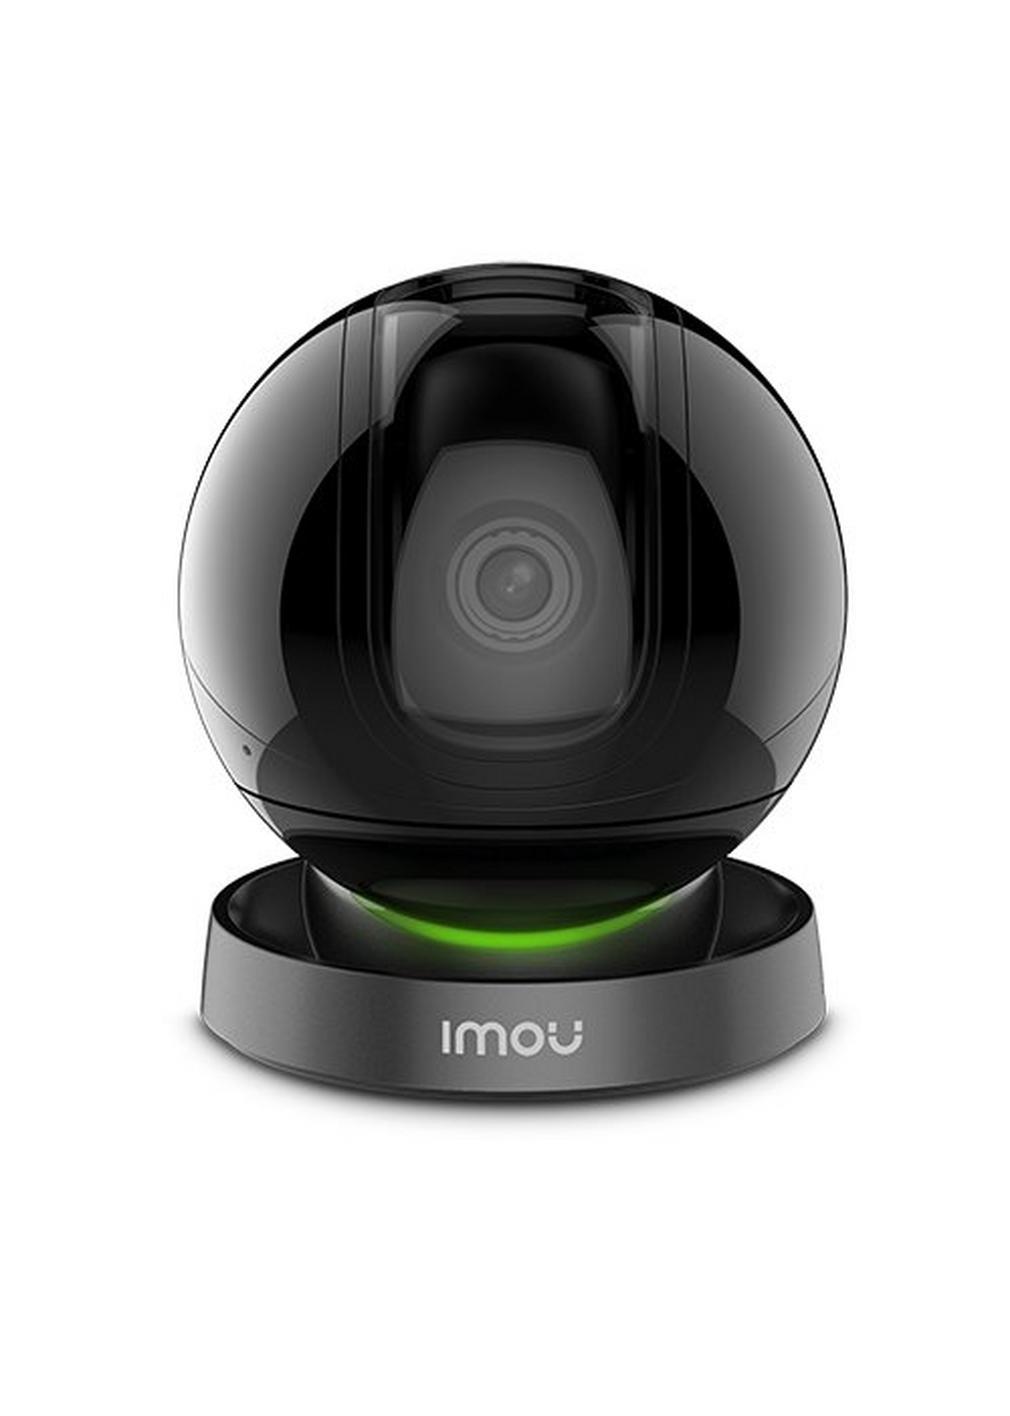 أيمو، كاميرا واي فاي بخاصية التحريك والامالة 360 درجة، عالية الوضوح، متعقب ذكي كاشف الحركة